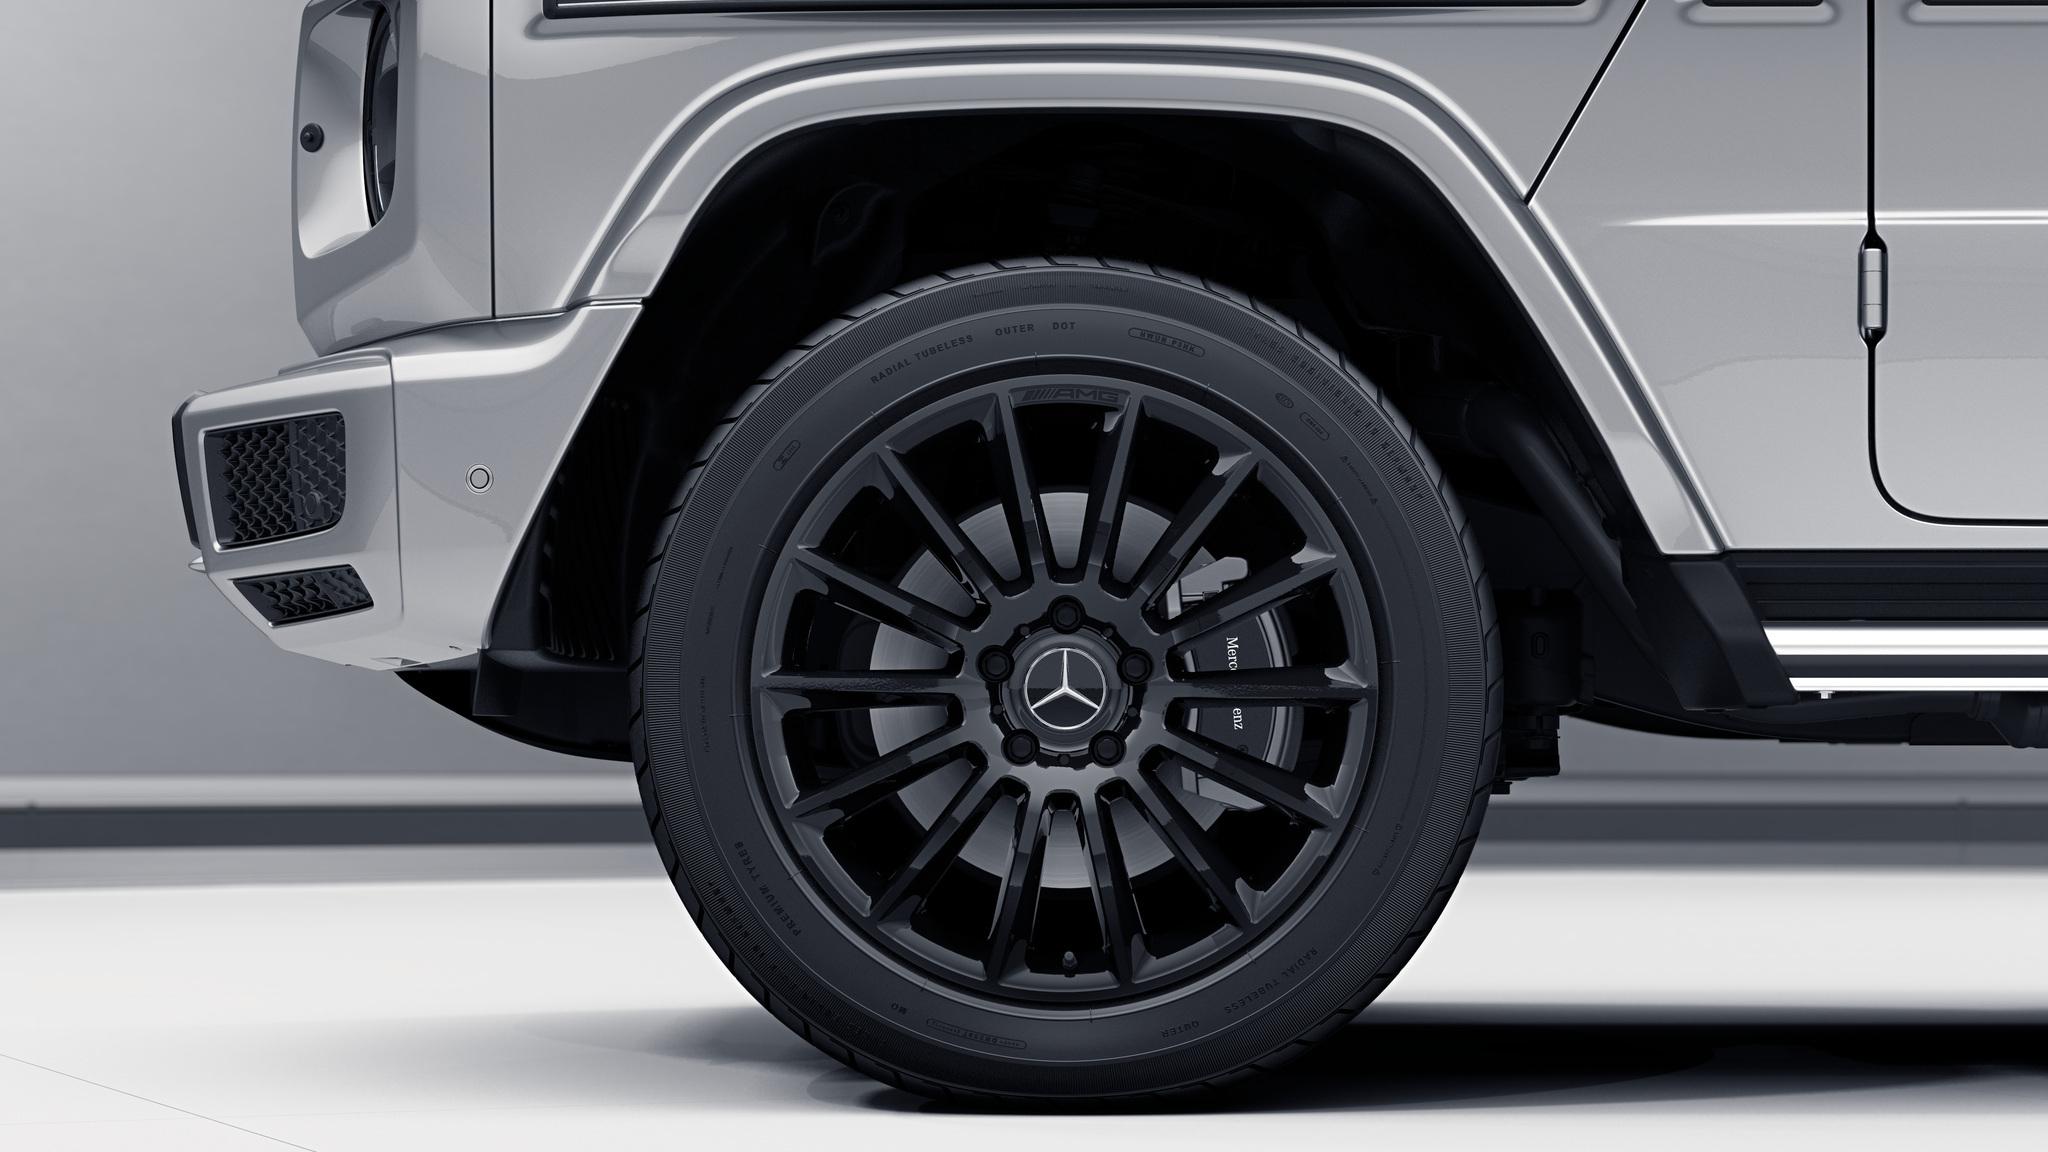 Jantes AMG 20 multibranches noirs de la Mercedes-Benz Classe G